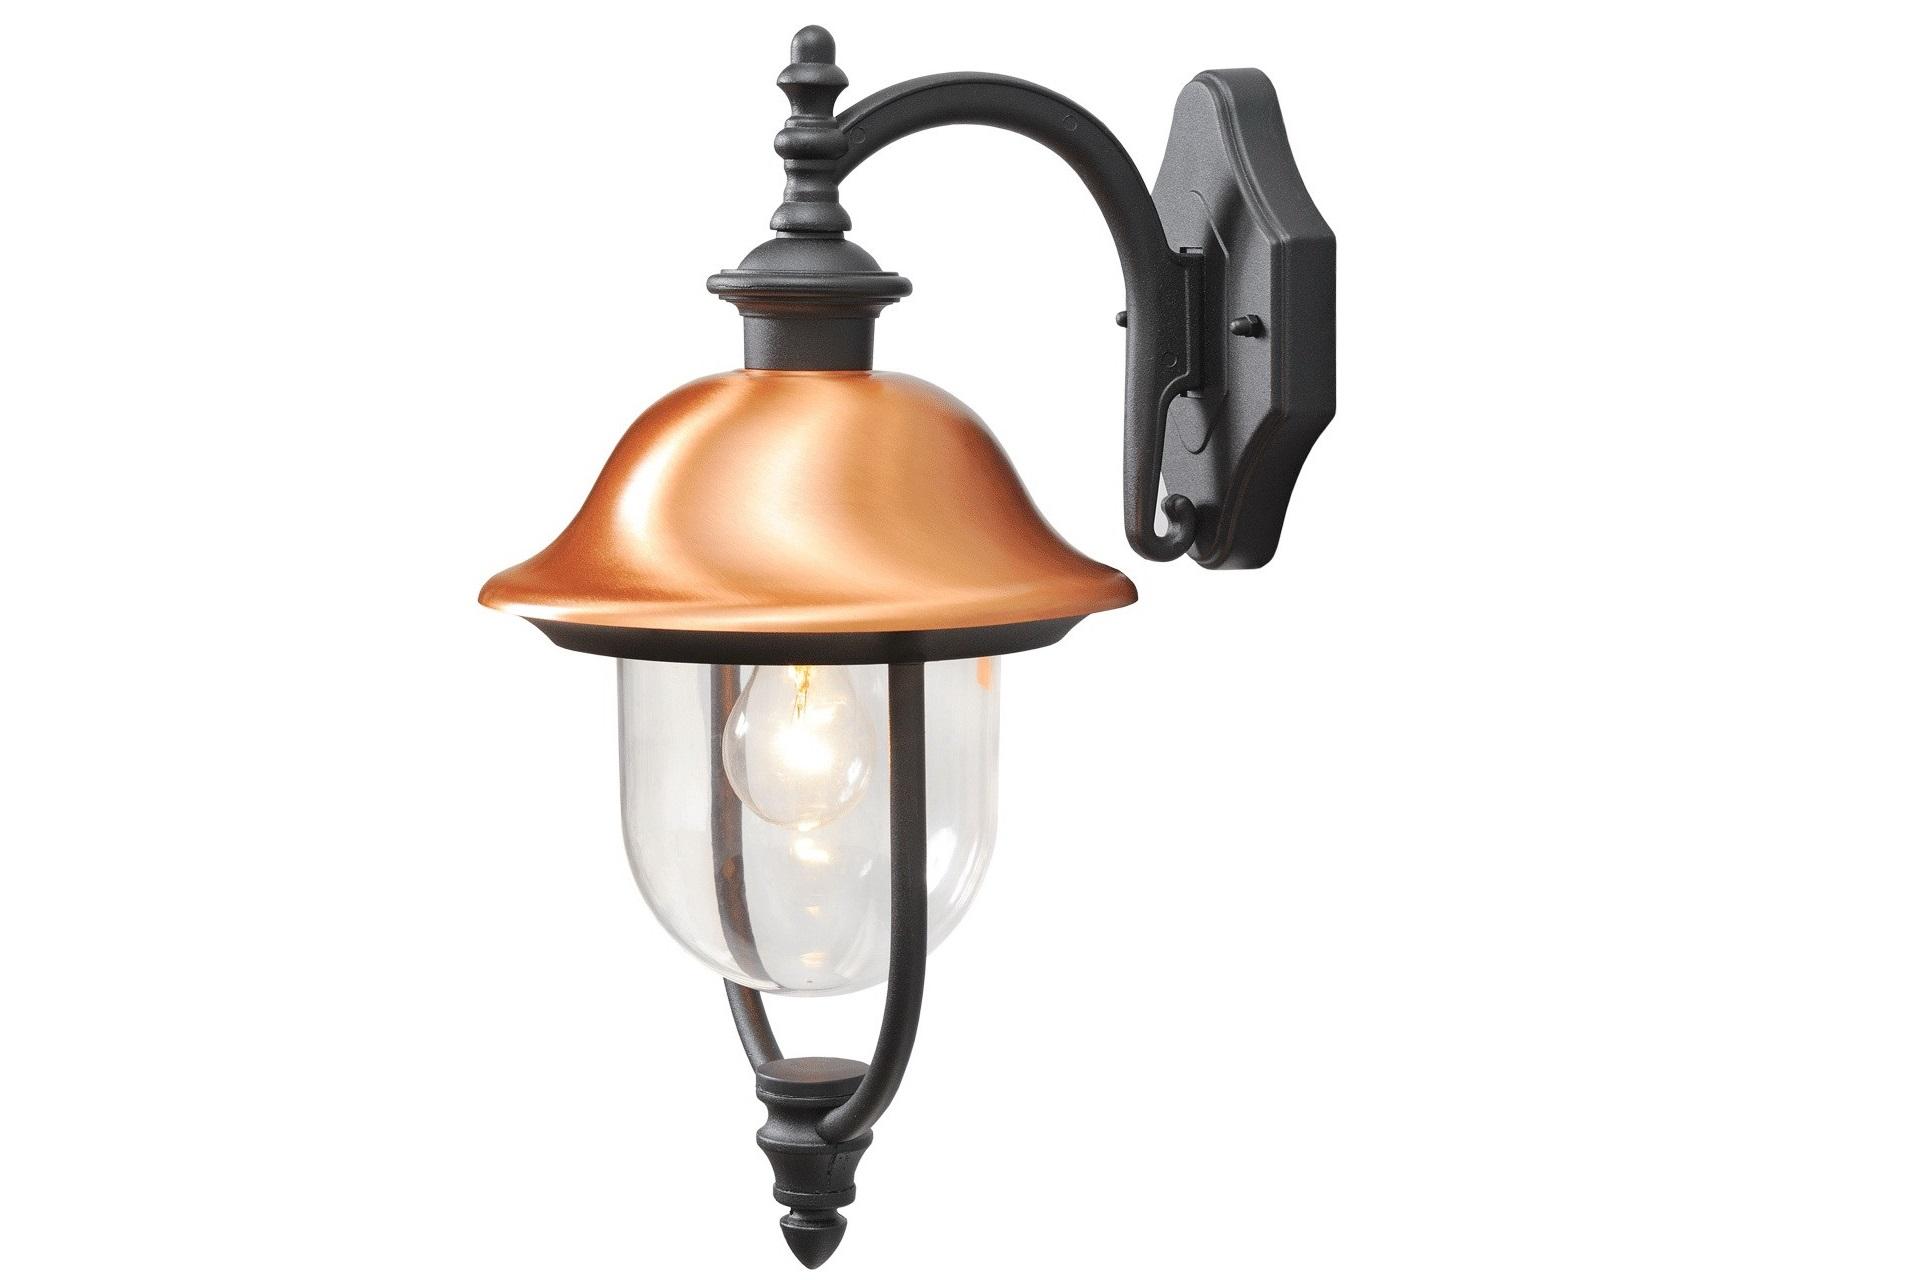 Уличный светильник ДубайУличные настенные светильники<br>Основание из алюминия черного цвета, плафоны из &amp;nbsp;акрила, декоративный элемент из меди.Мощность 1*95W &amp;nbsp;Цоколь E27Степень защиты<br>светильников от пыли и влаги&amp;nbsp;IP44<br><br>kit: None<br>gender: None